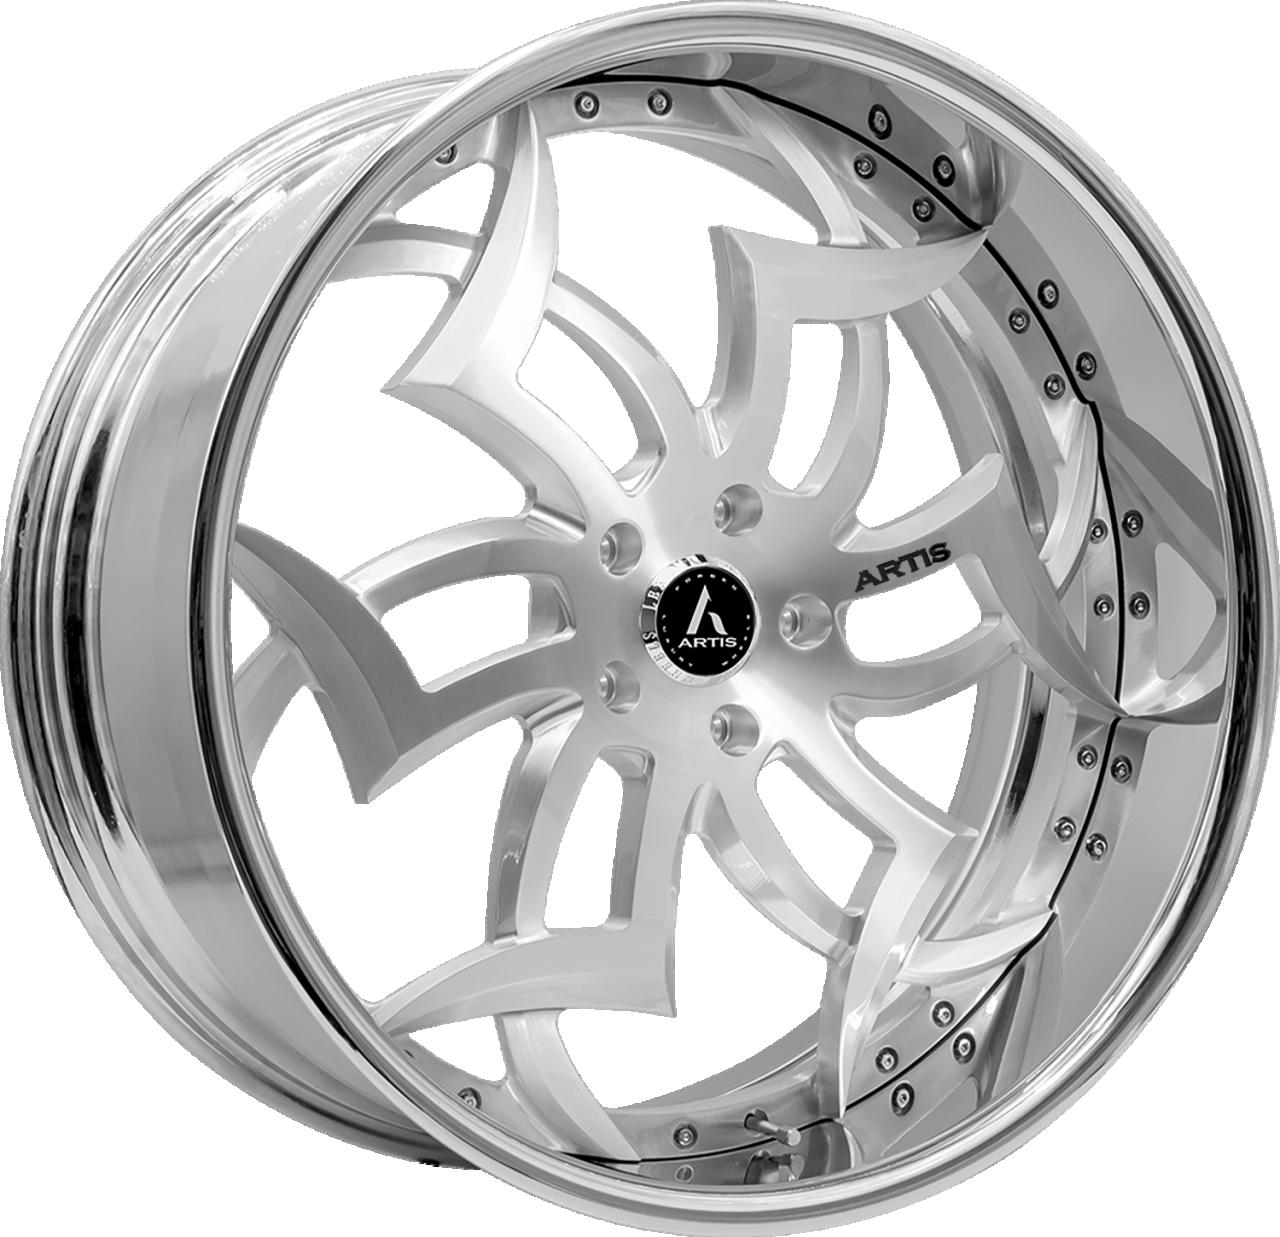 Artis Forged Medusa wheel with Brushed finish